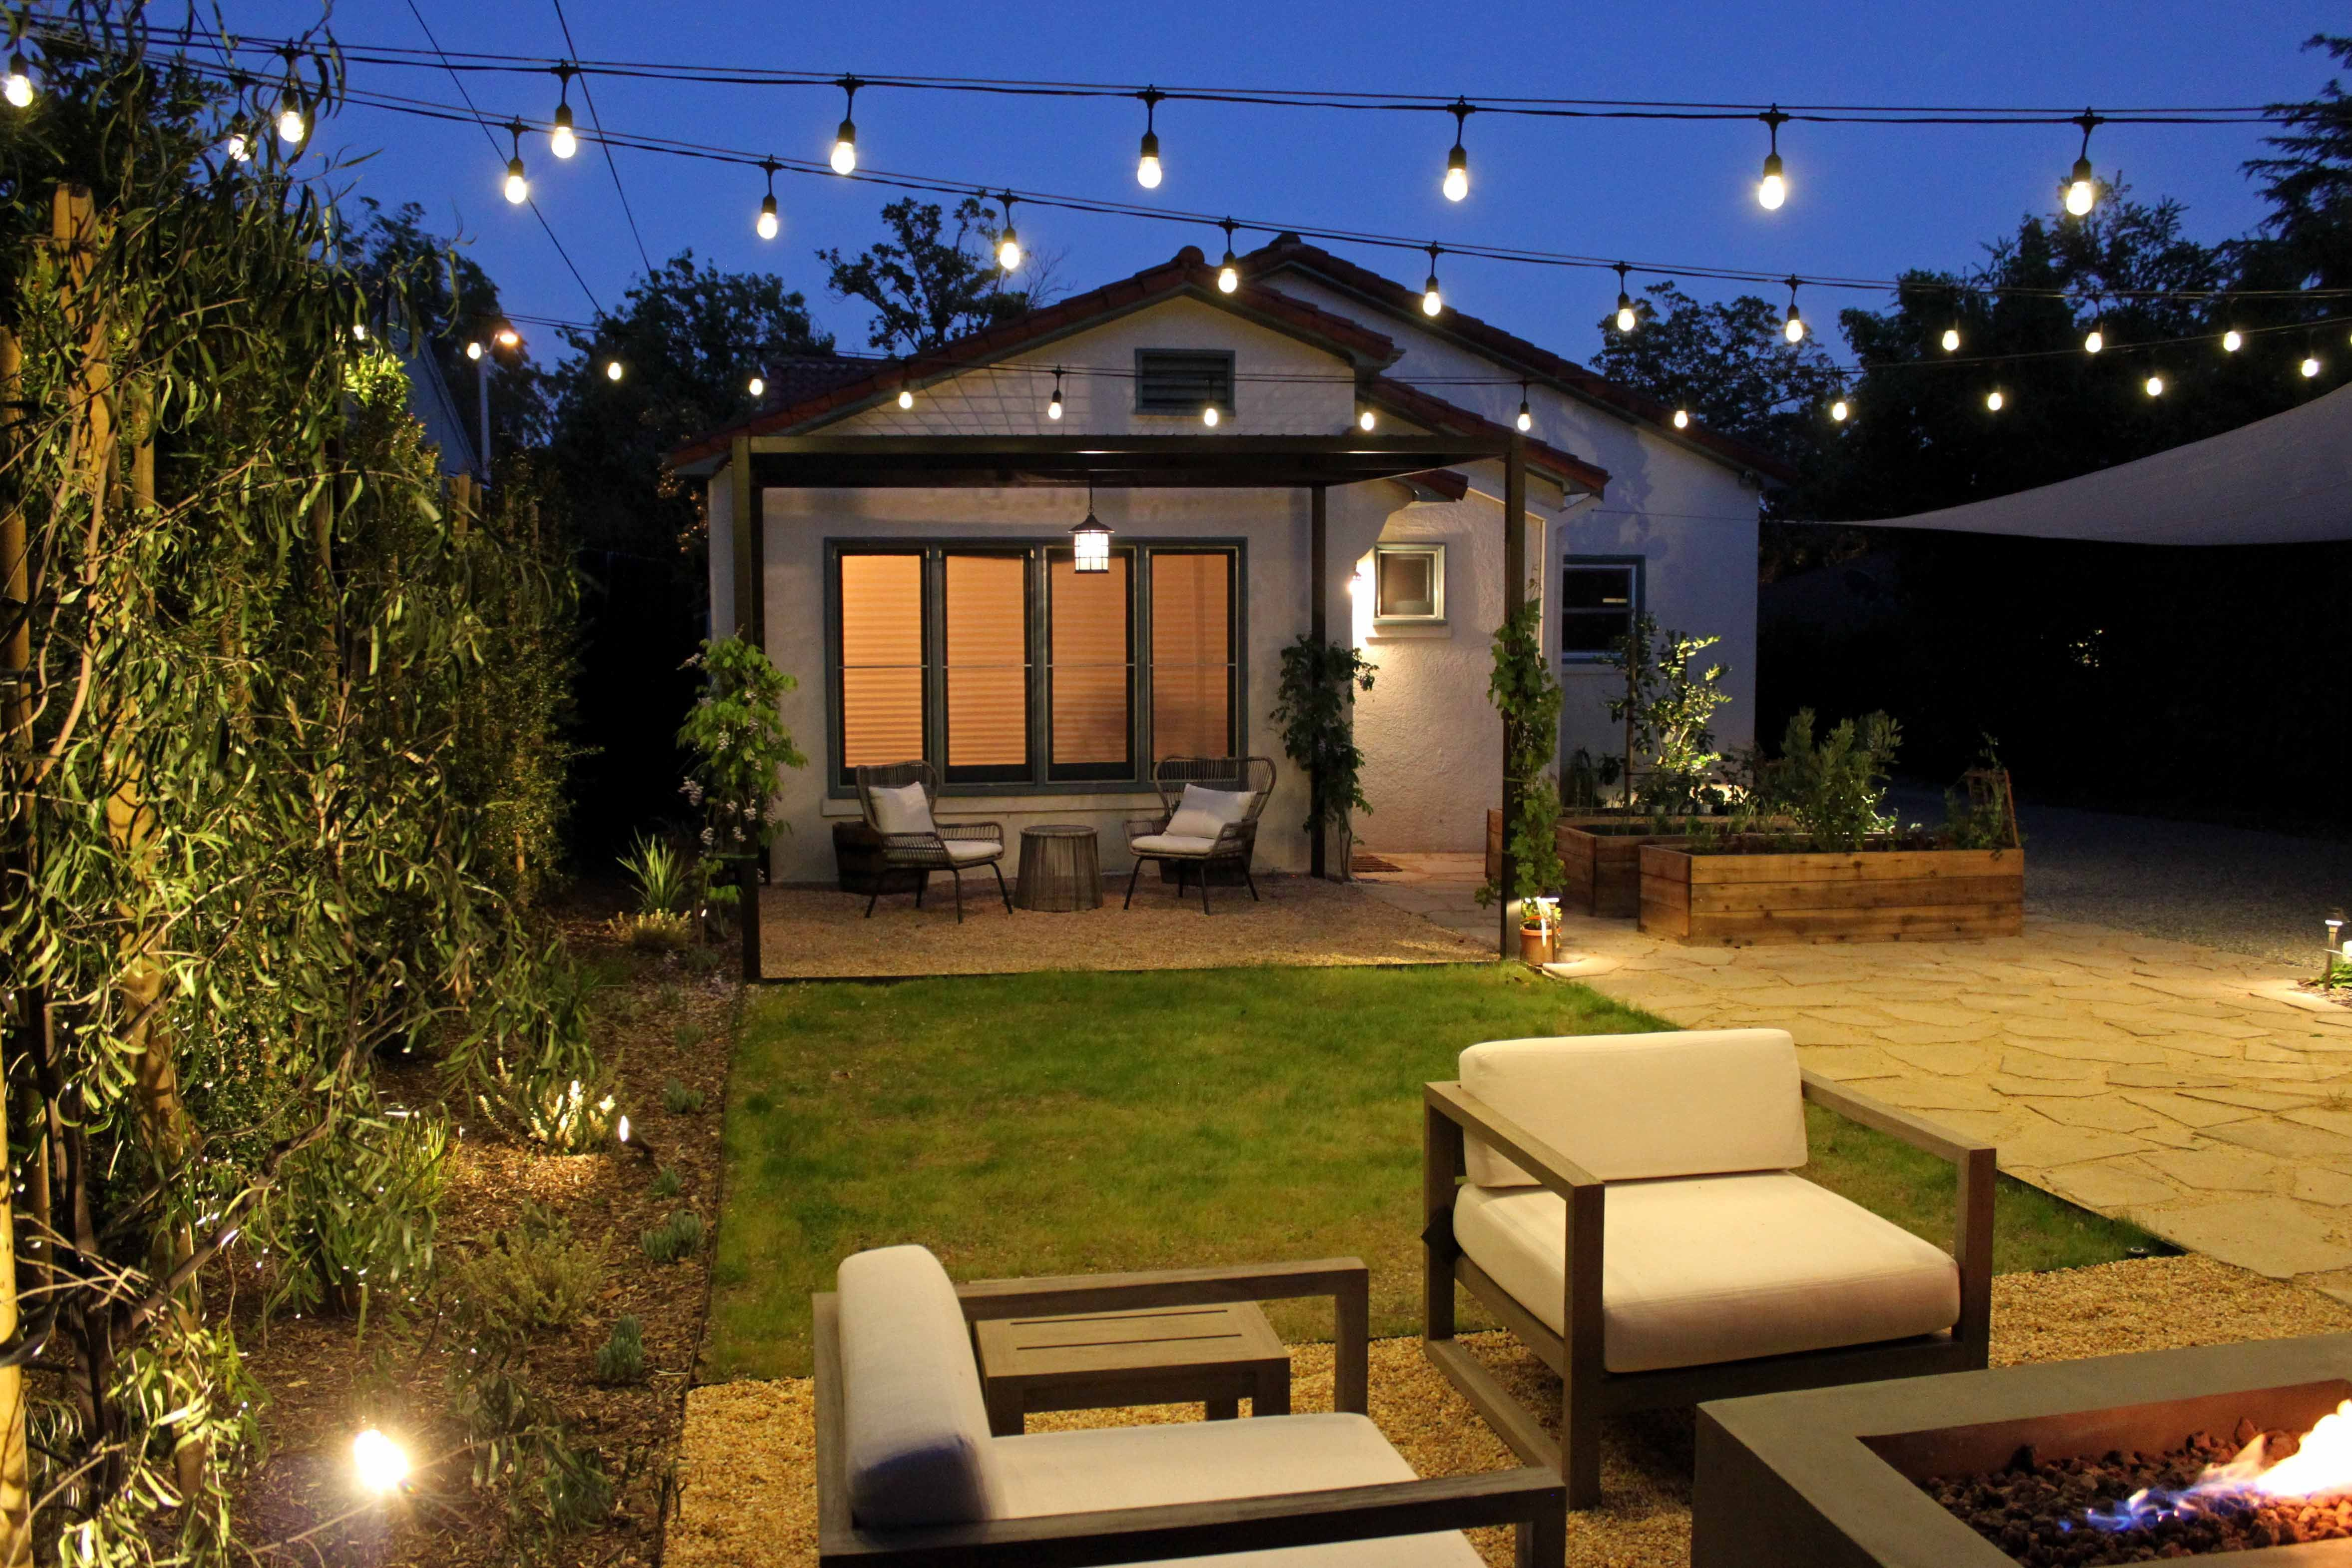 Los Angeles, Sustainable Landscape Design, Drought Tolerant Landscape Design